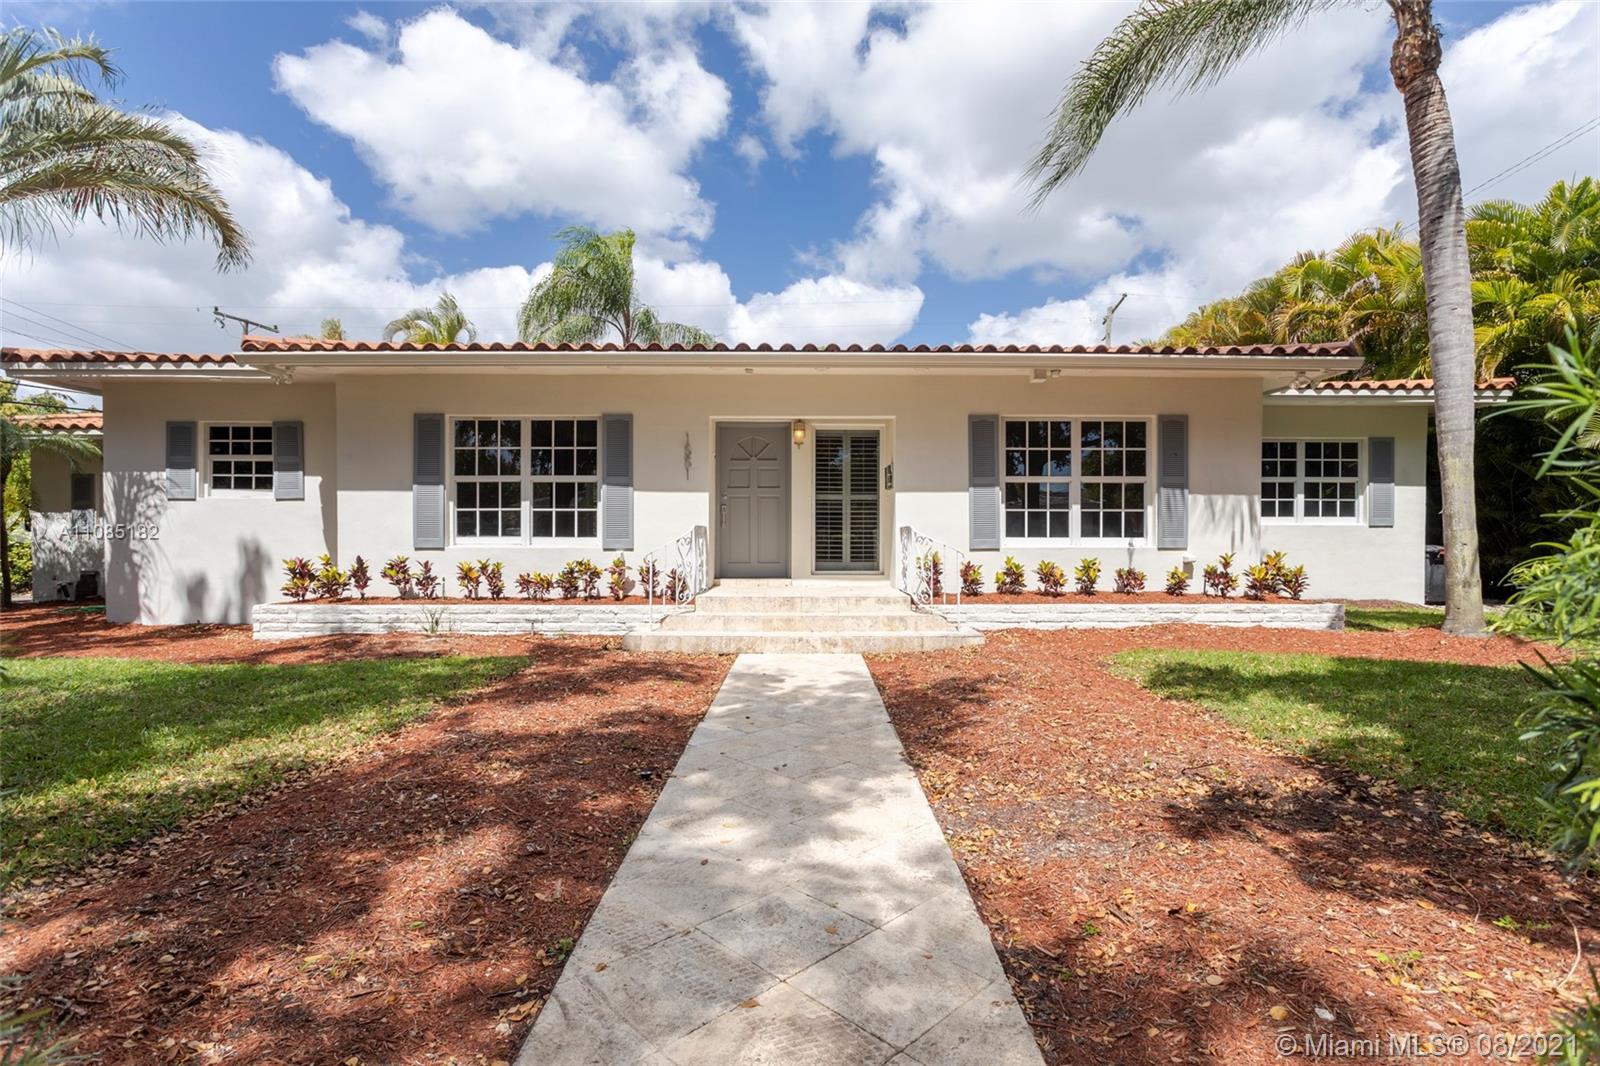 Riviera - 1551 Delgado Ave, Coral Gables, FL 33146